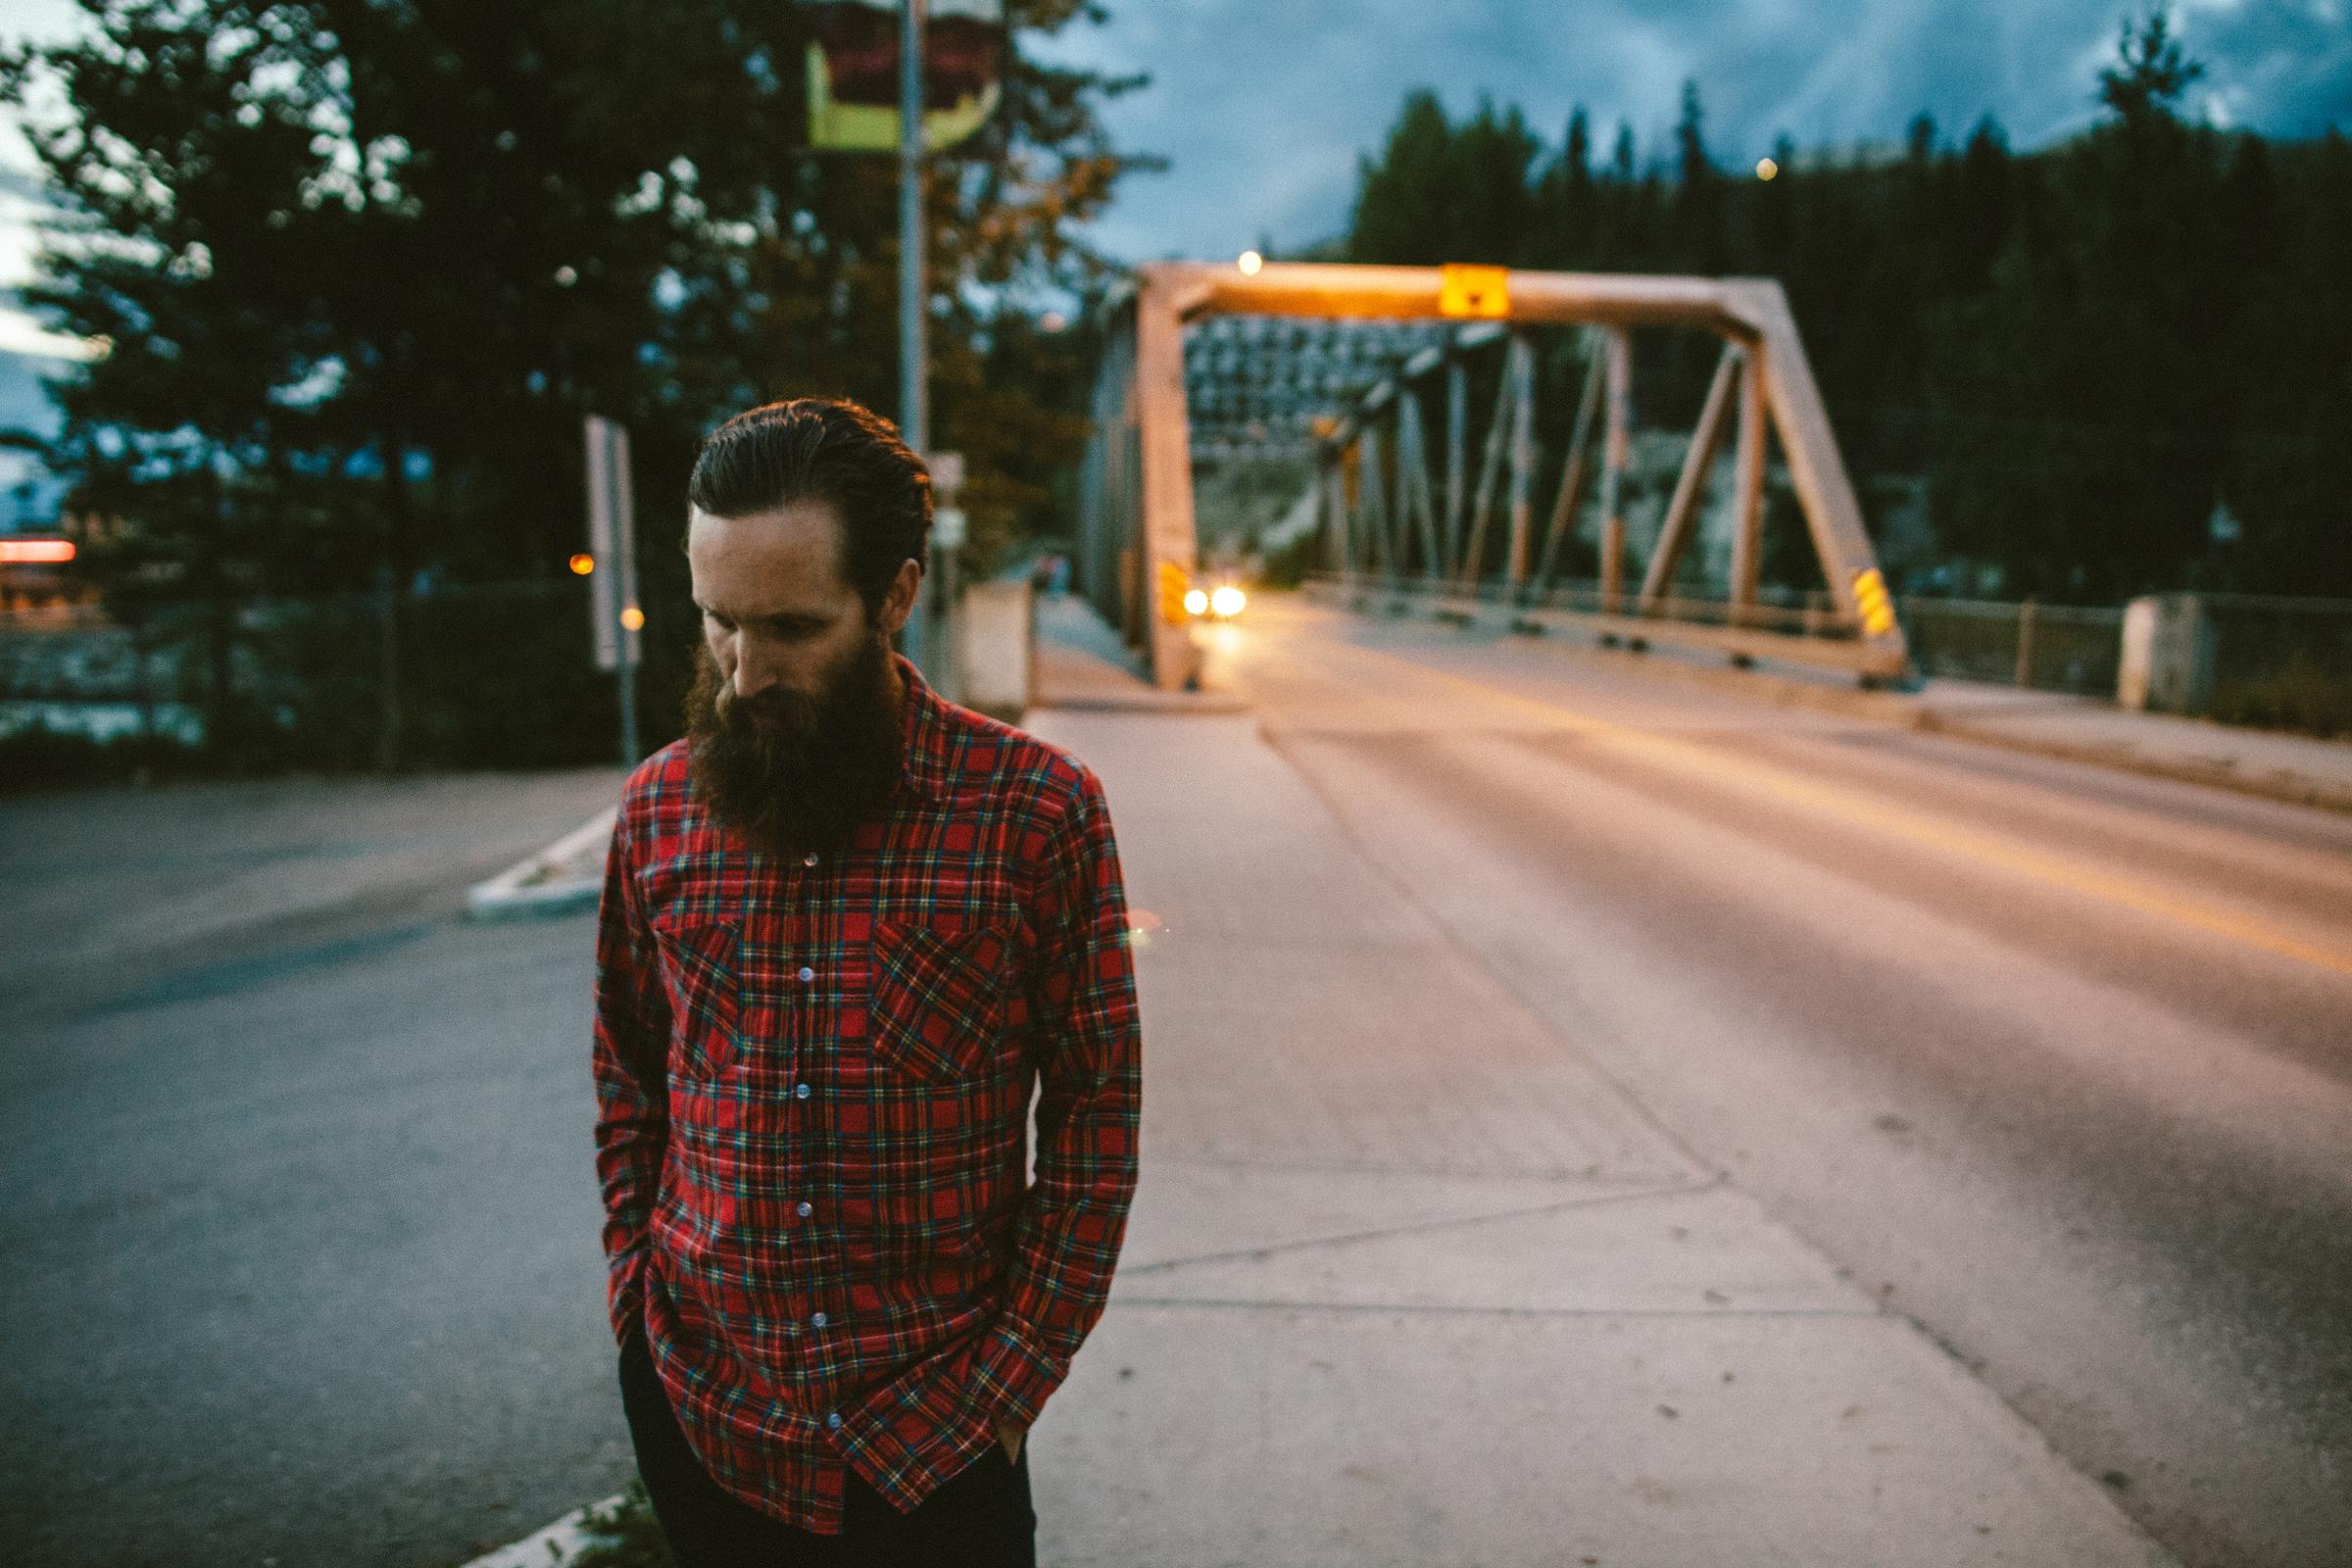 HeartbeatCity-Ian in street-small.jpg